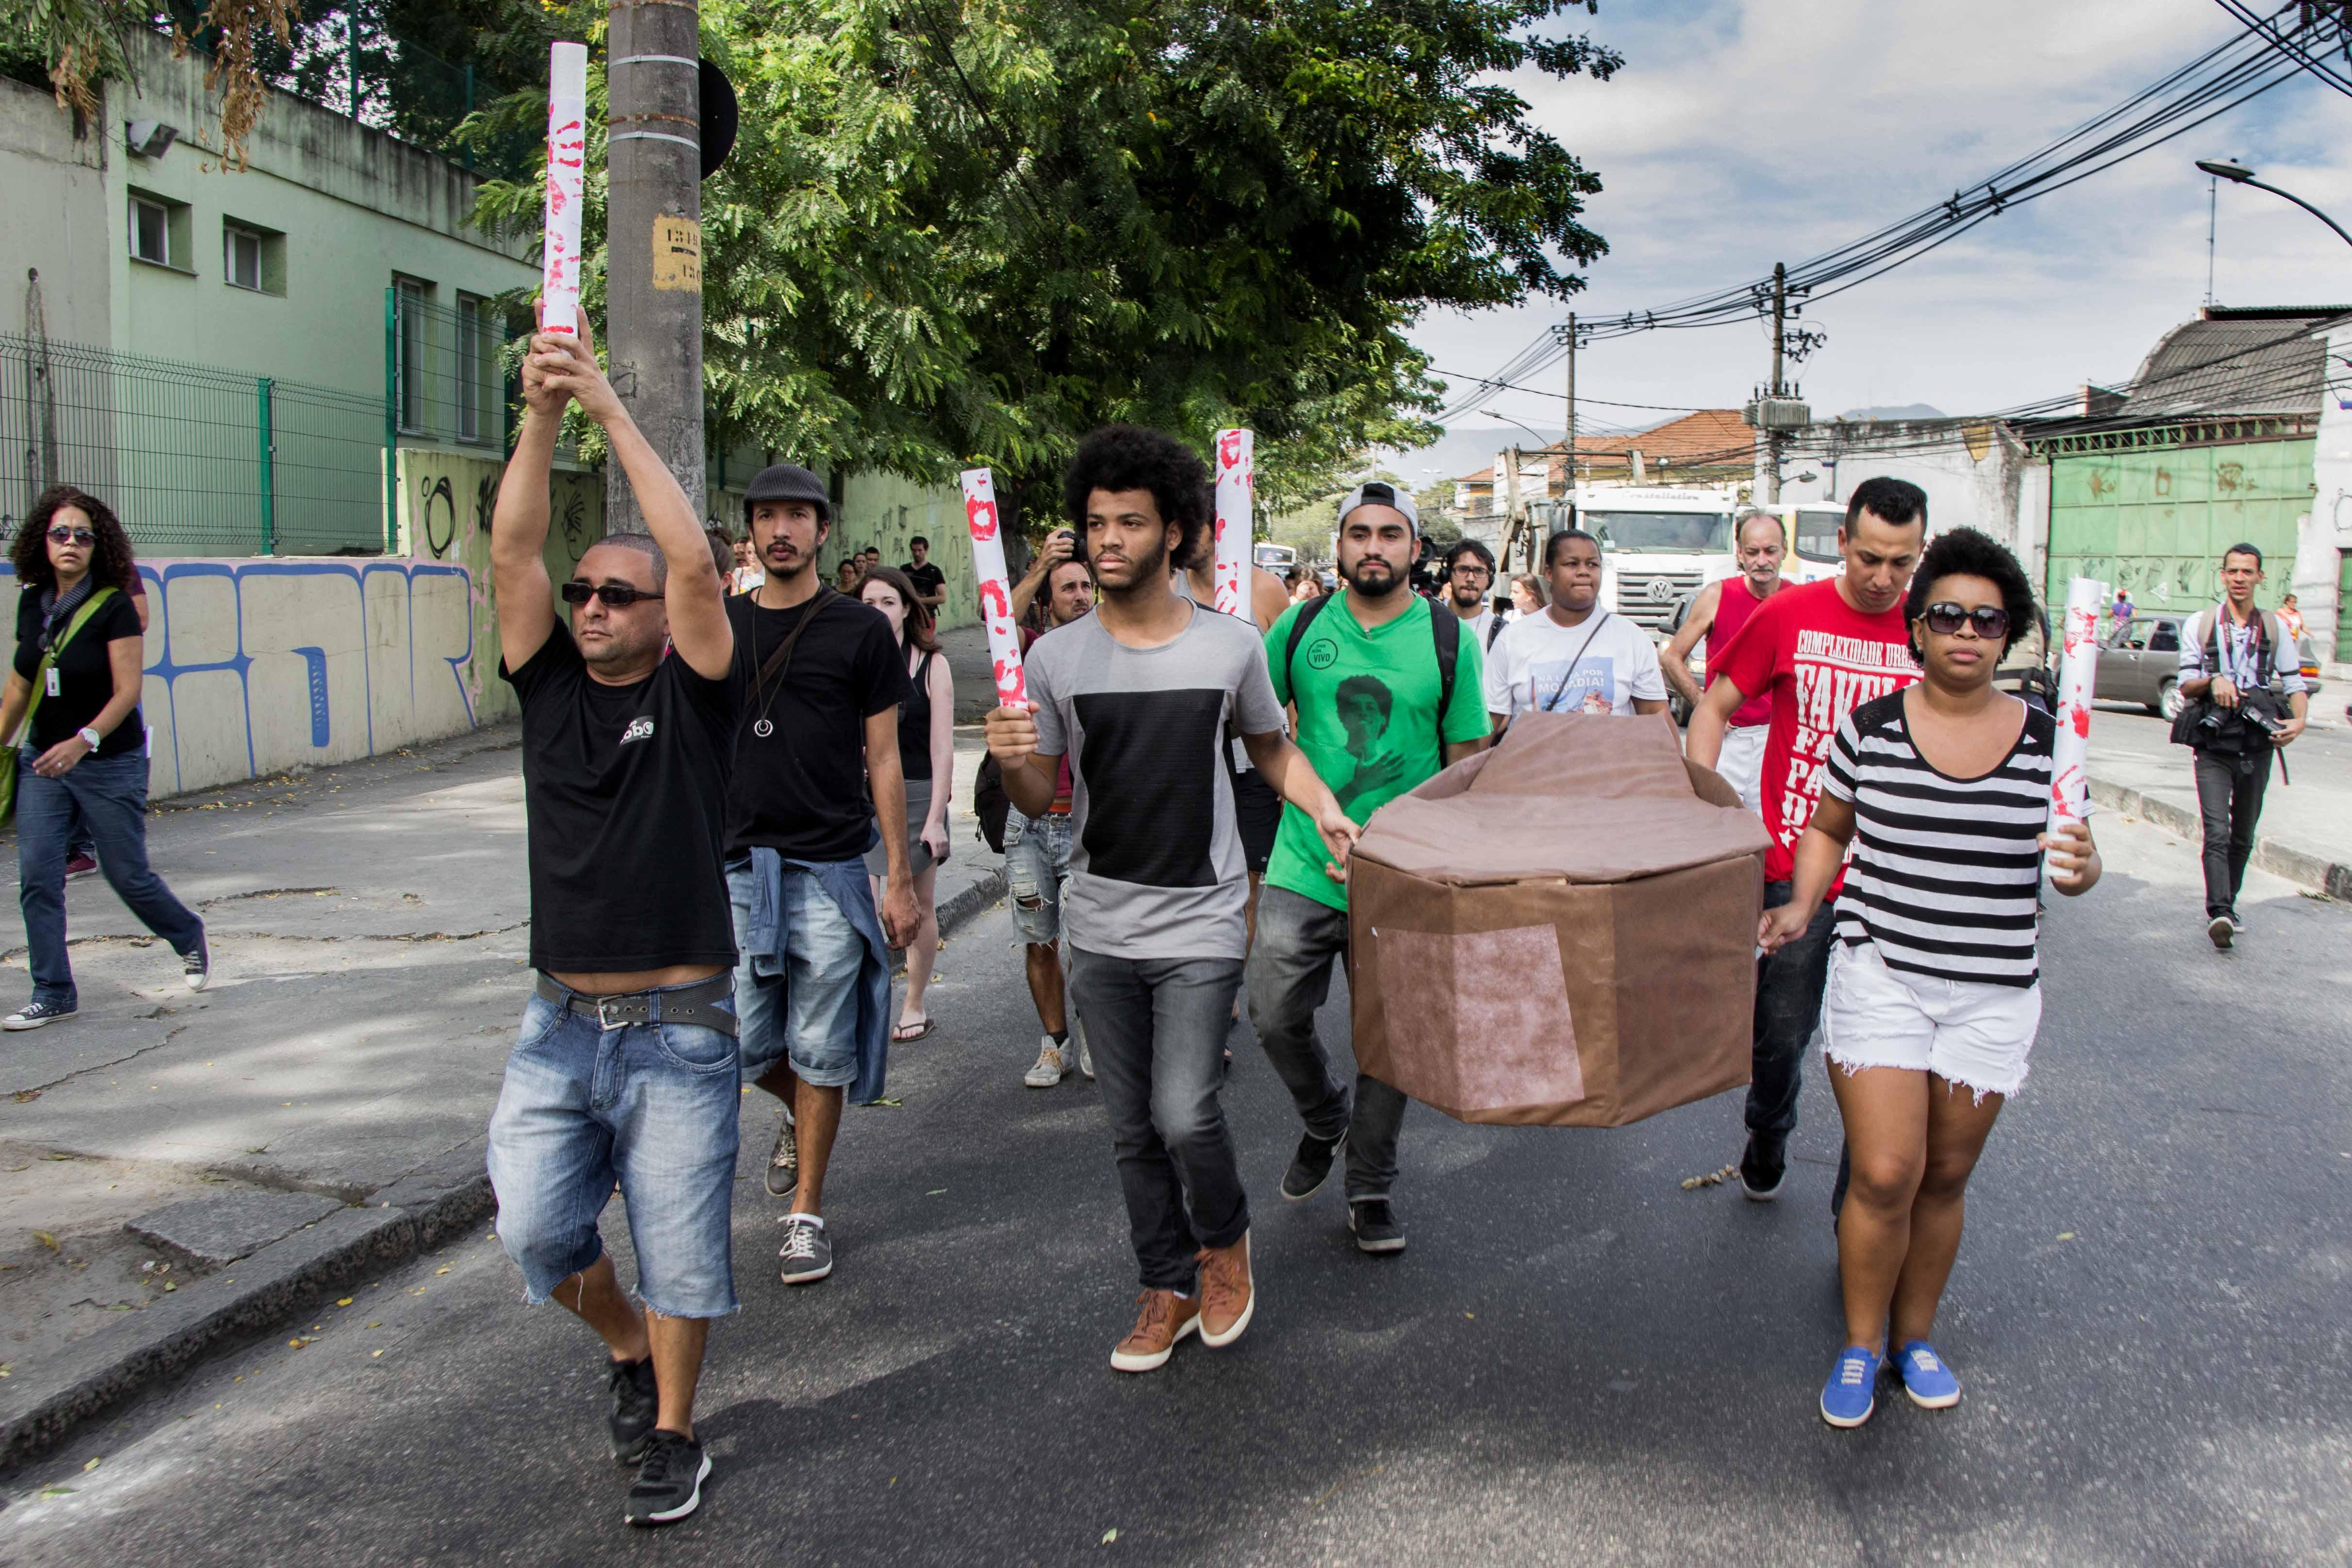 Passagem de Tocha Olímpica do Alemão clama por paz